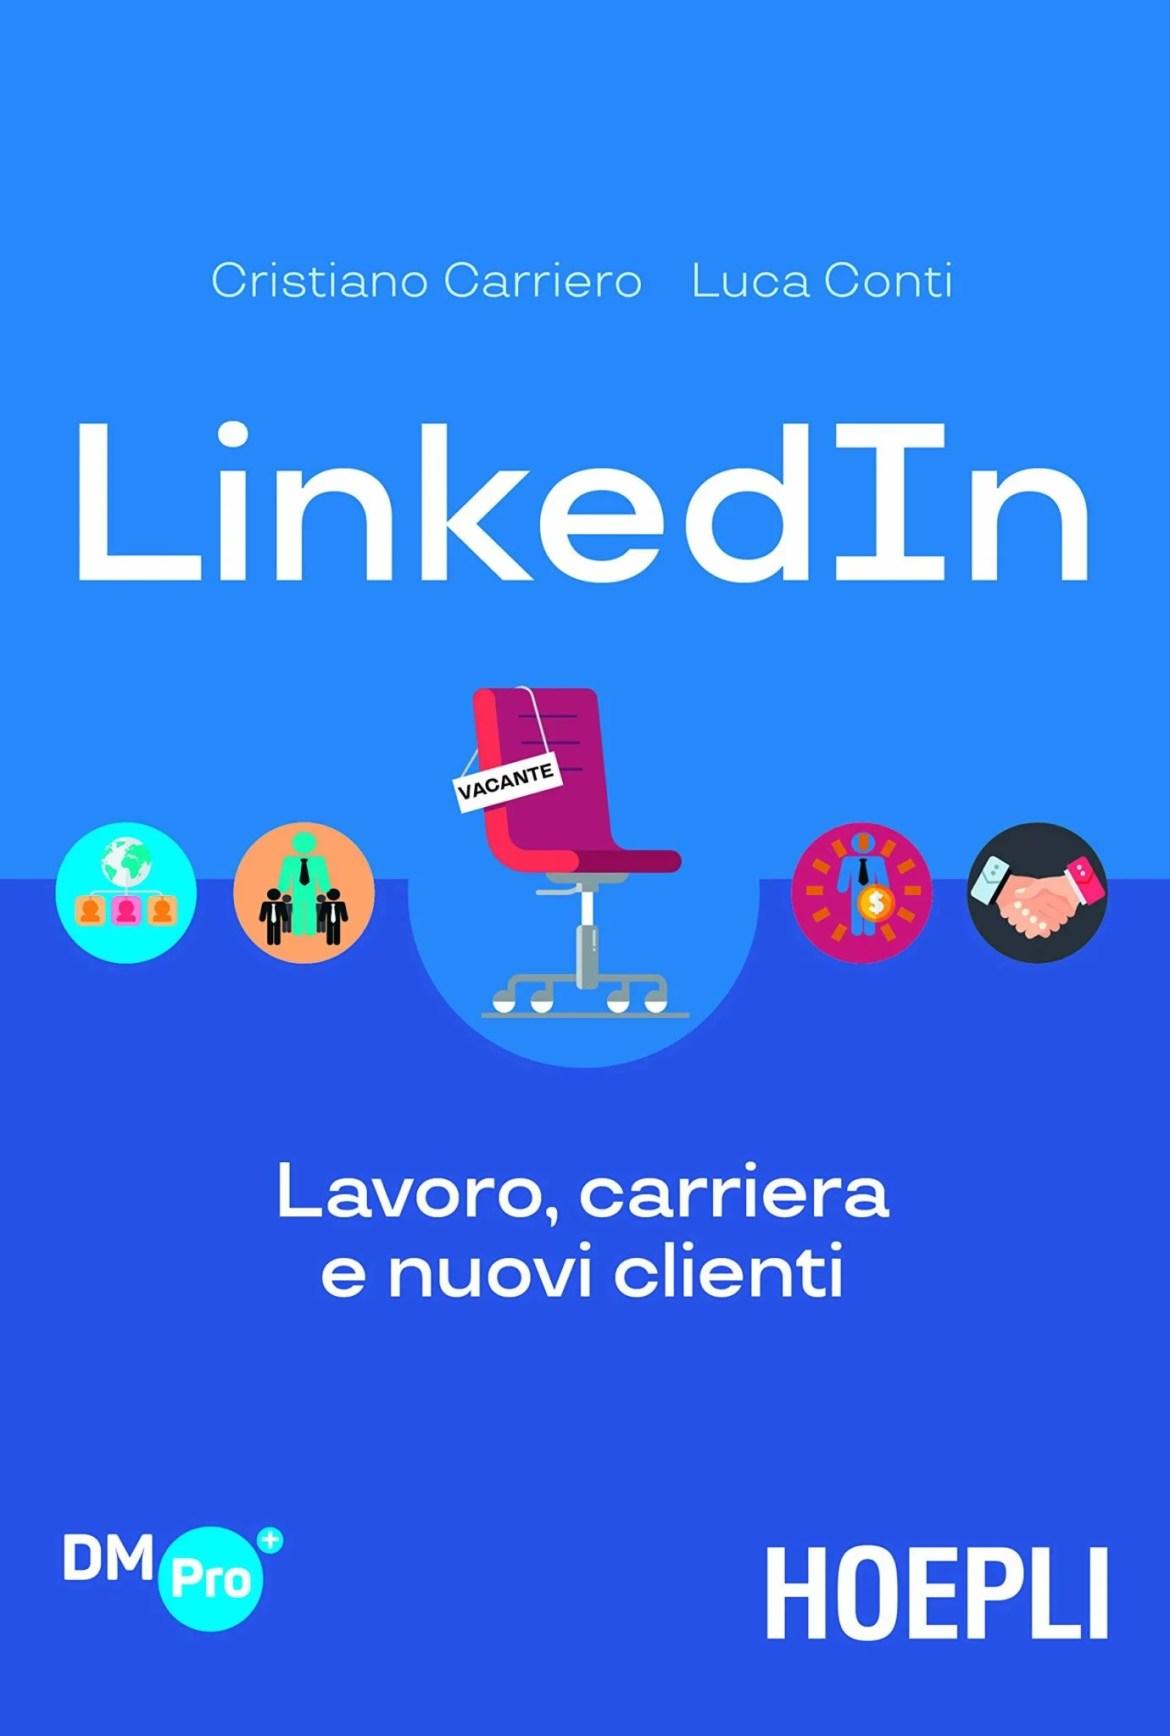 Recensione di Linkedin – Cristiano Carriero-Luca Conti